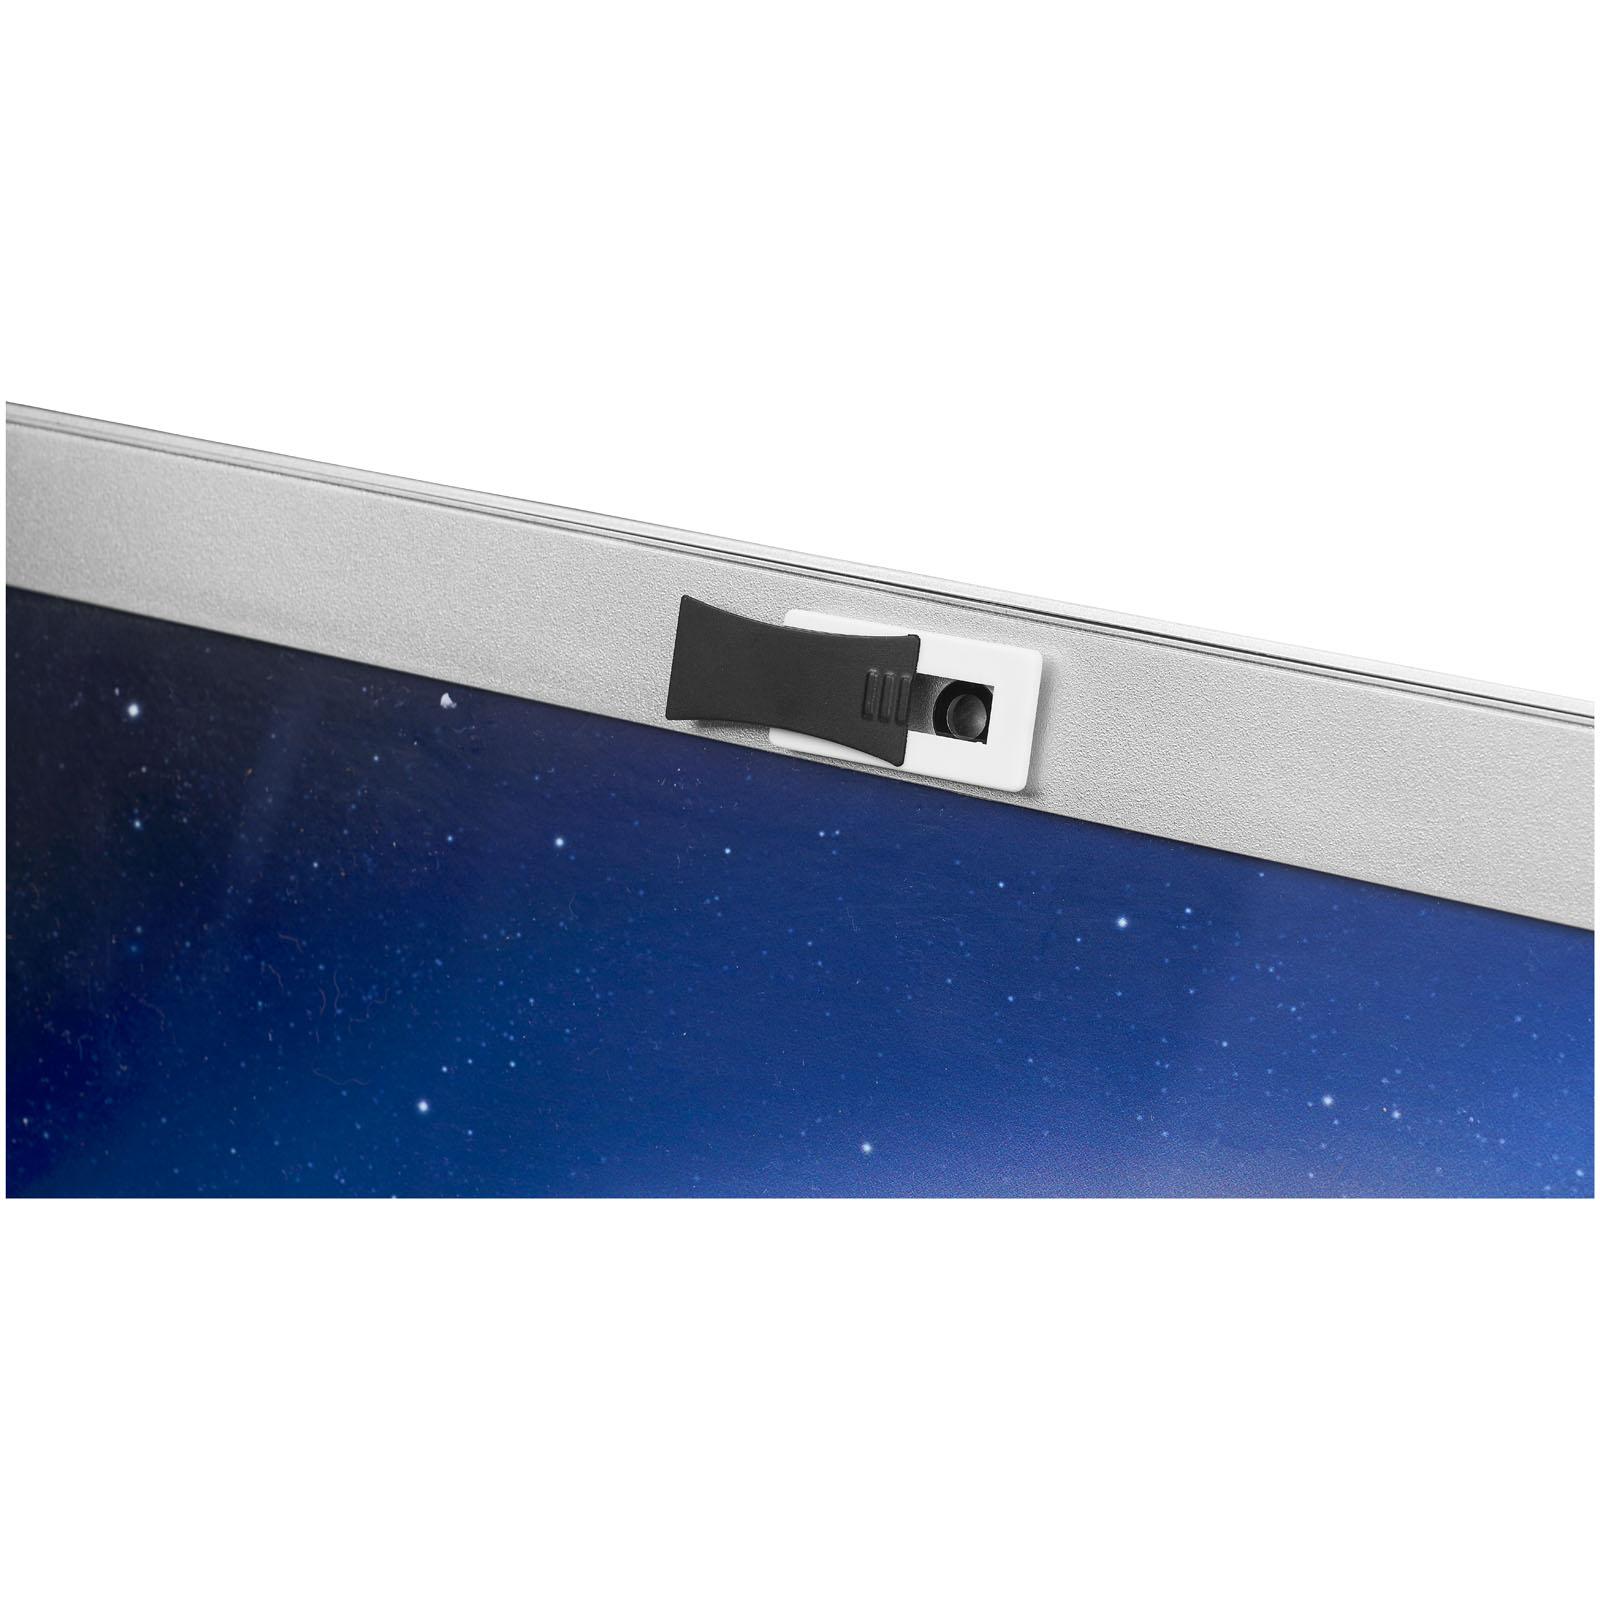 Afbeelding van 100 st. Bedrukte Webcam blocker slide bedrukken gadgets